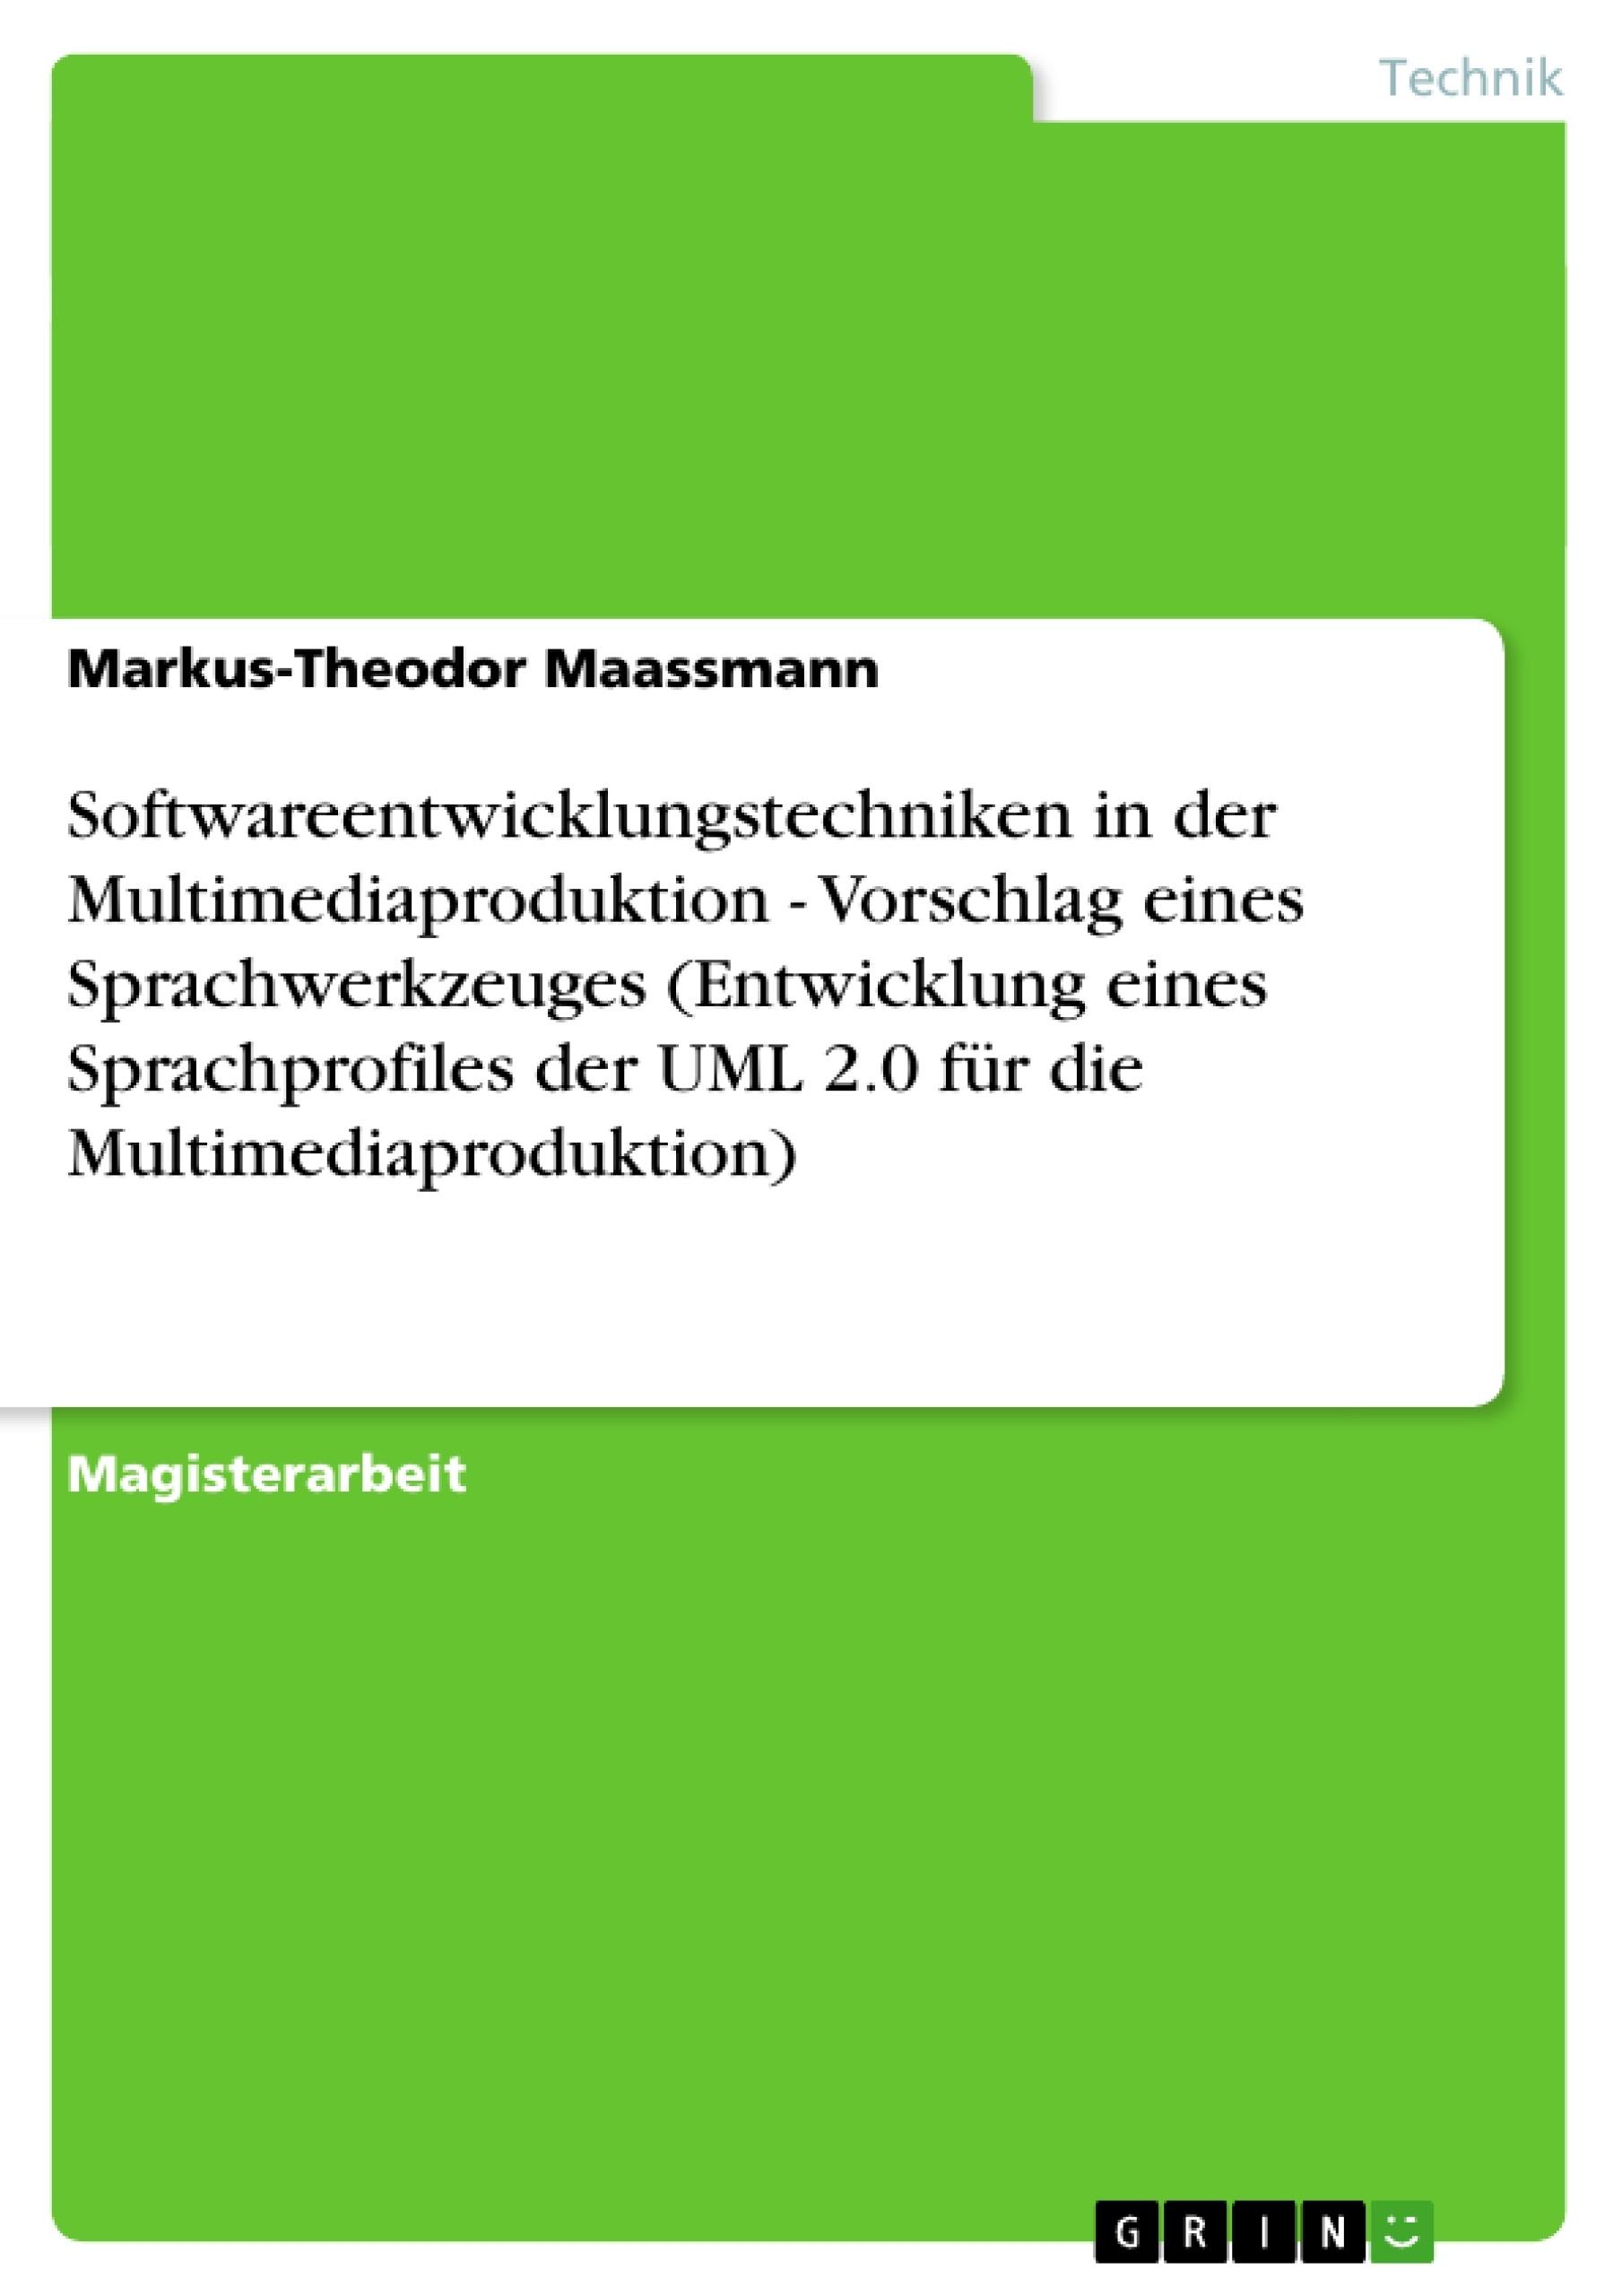 Titel: Softwareentwicklungstechniken in der Multimediaproduktion - Vorschlag eines Sprachwerkzeuges (Entwicklung eines Sprachprofiles der UML 2.0 für die Multimediaproduktion)